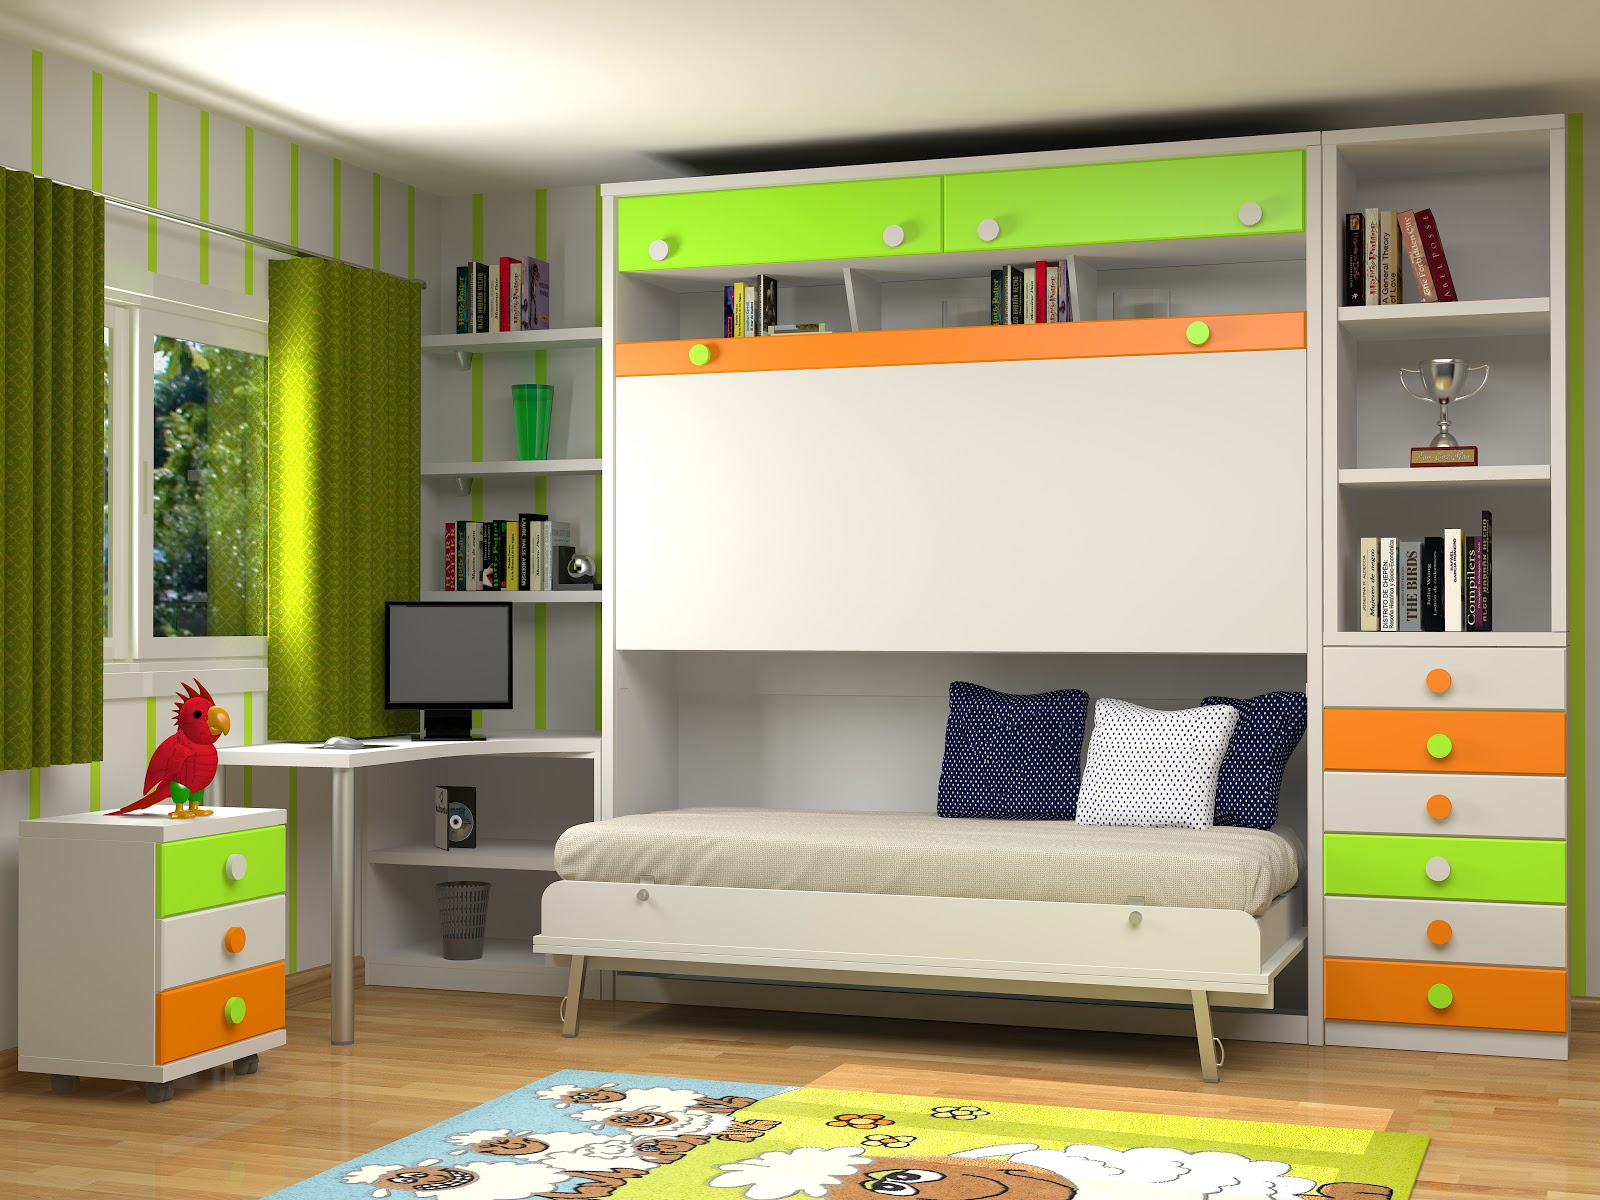 Muebles juveniles dormitorios infantiles y habitaciones - Camas dobles infantiles para espacios reducidos ...